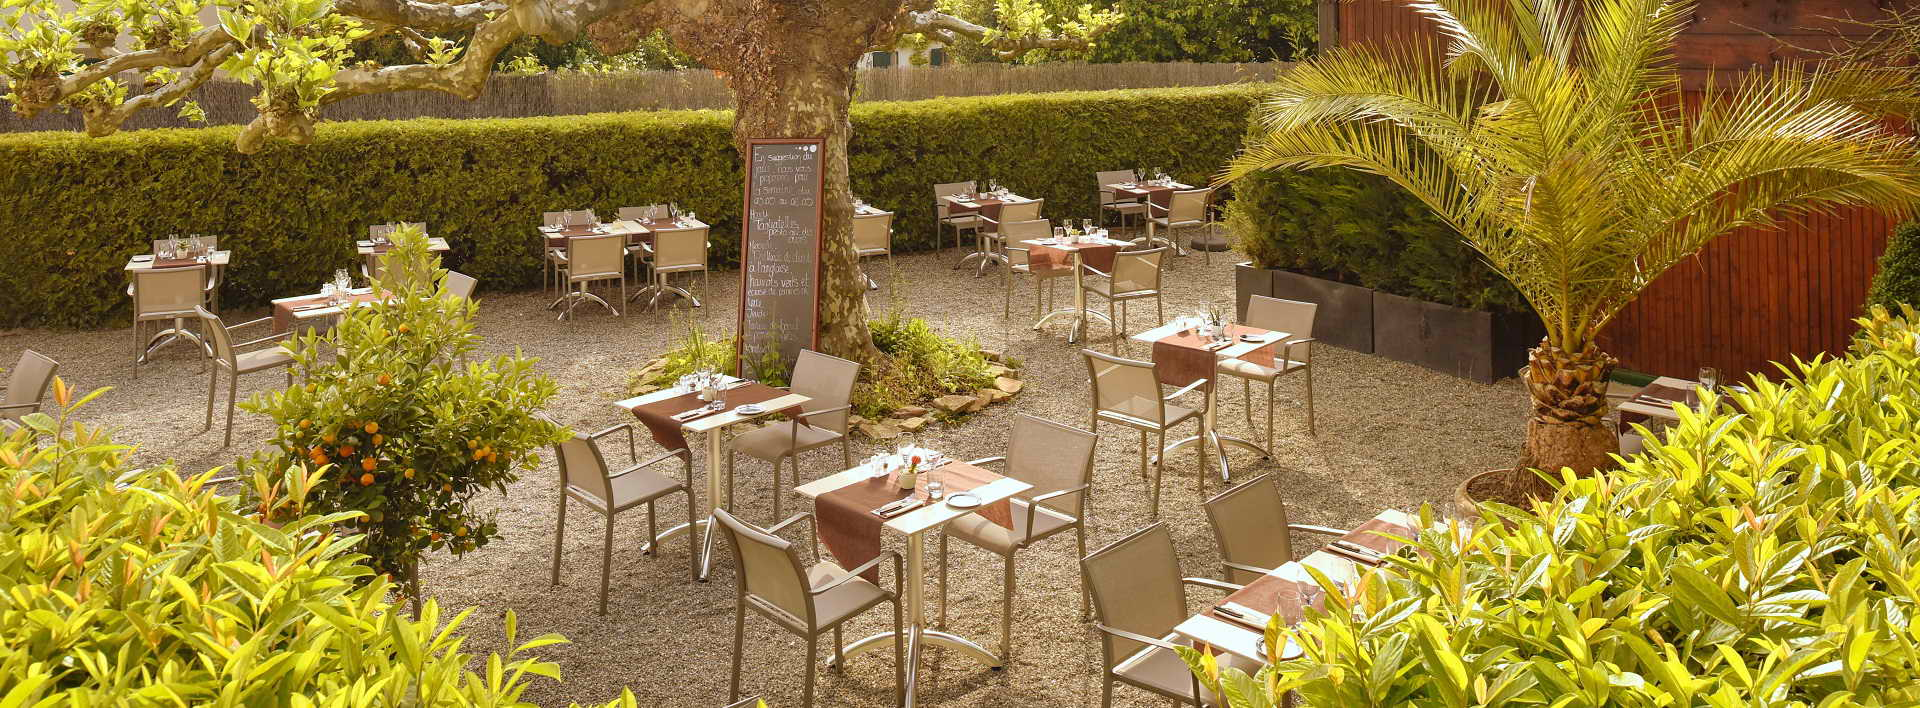 Réouverture de la terrasse au Restaurant l'Auberge à Chambésy Genève